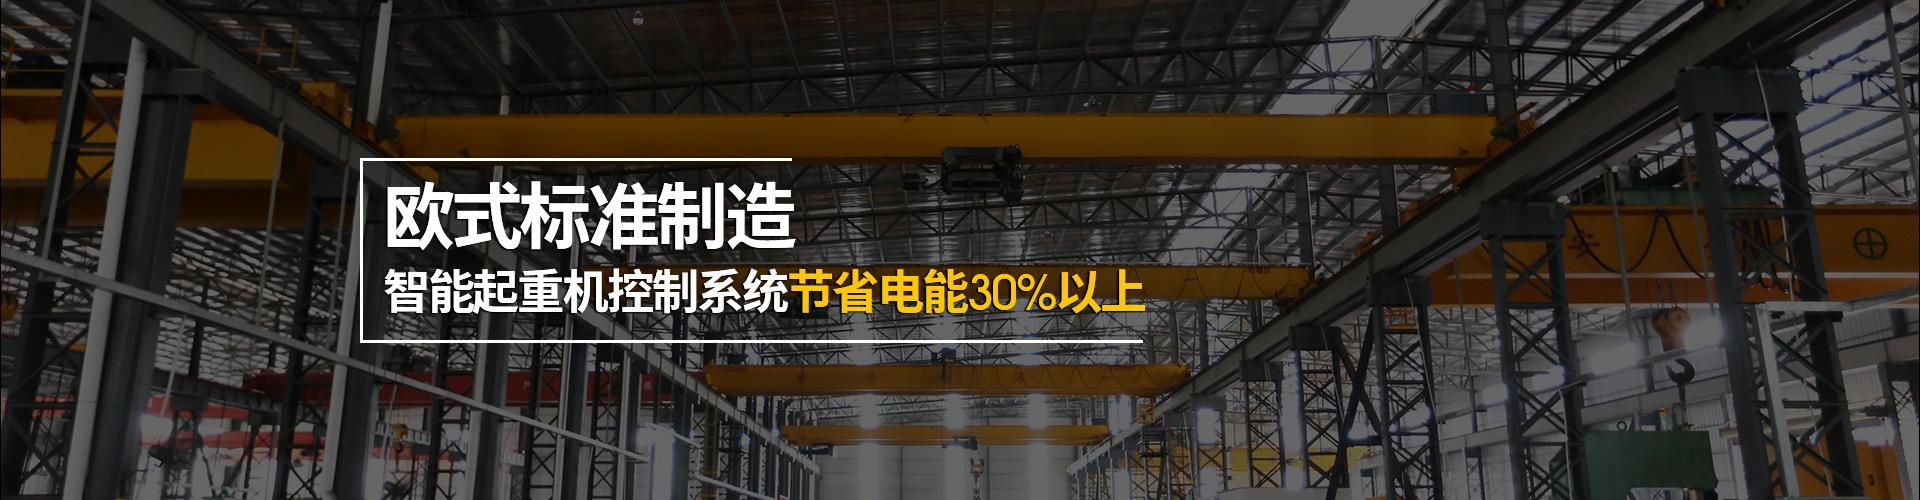 台冠起重机欧式标准制造,智能起重机控制系统节省电能30%以上